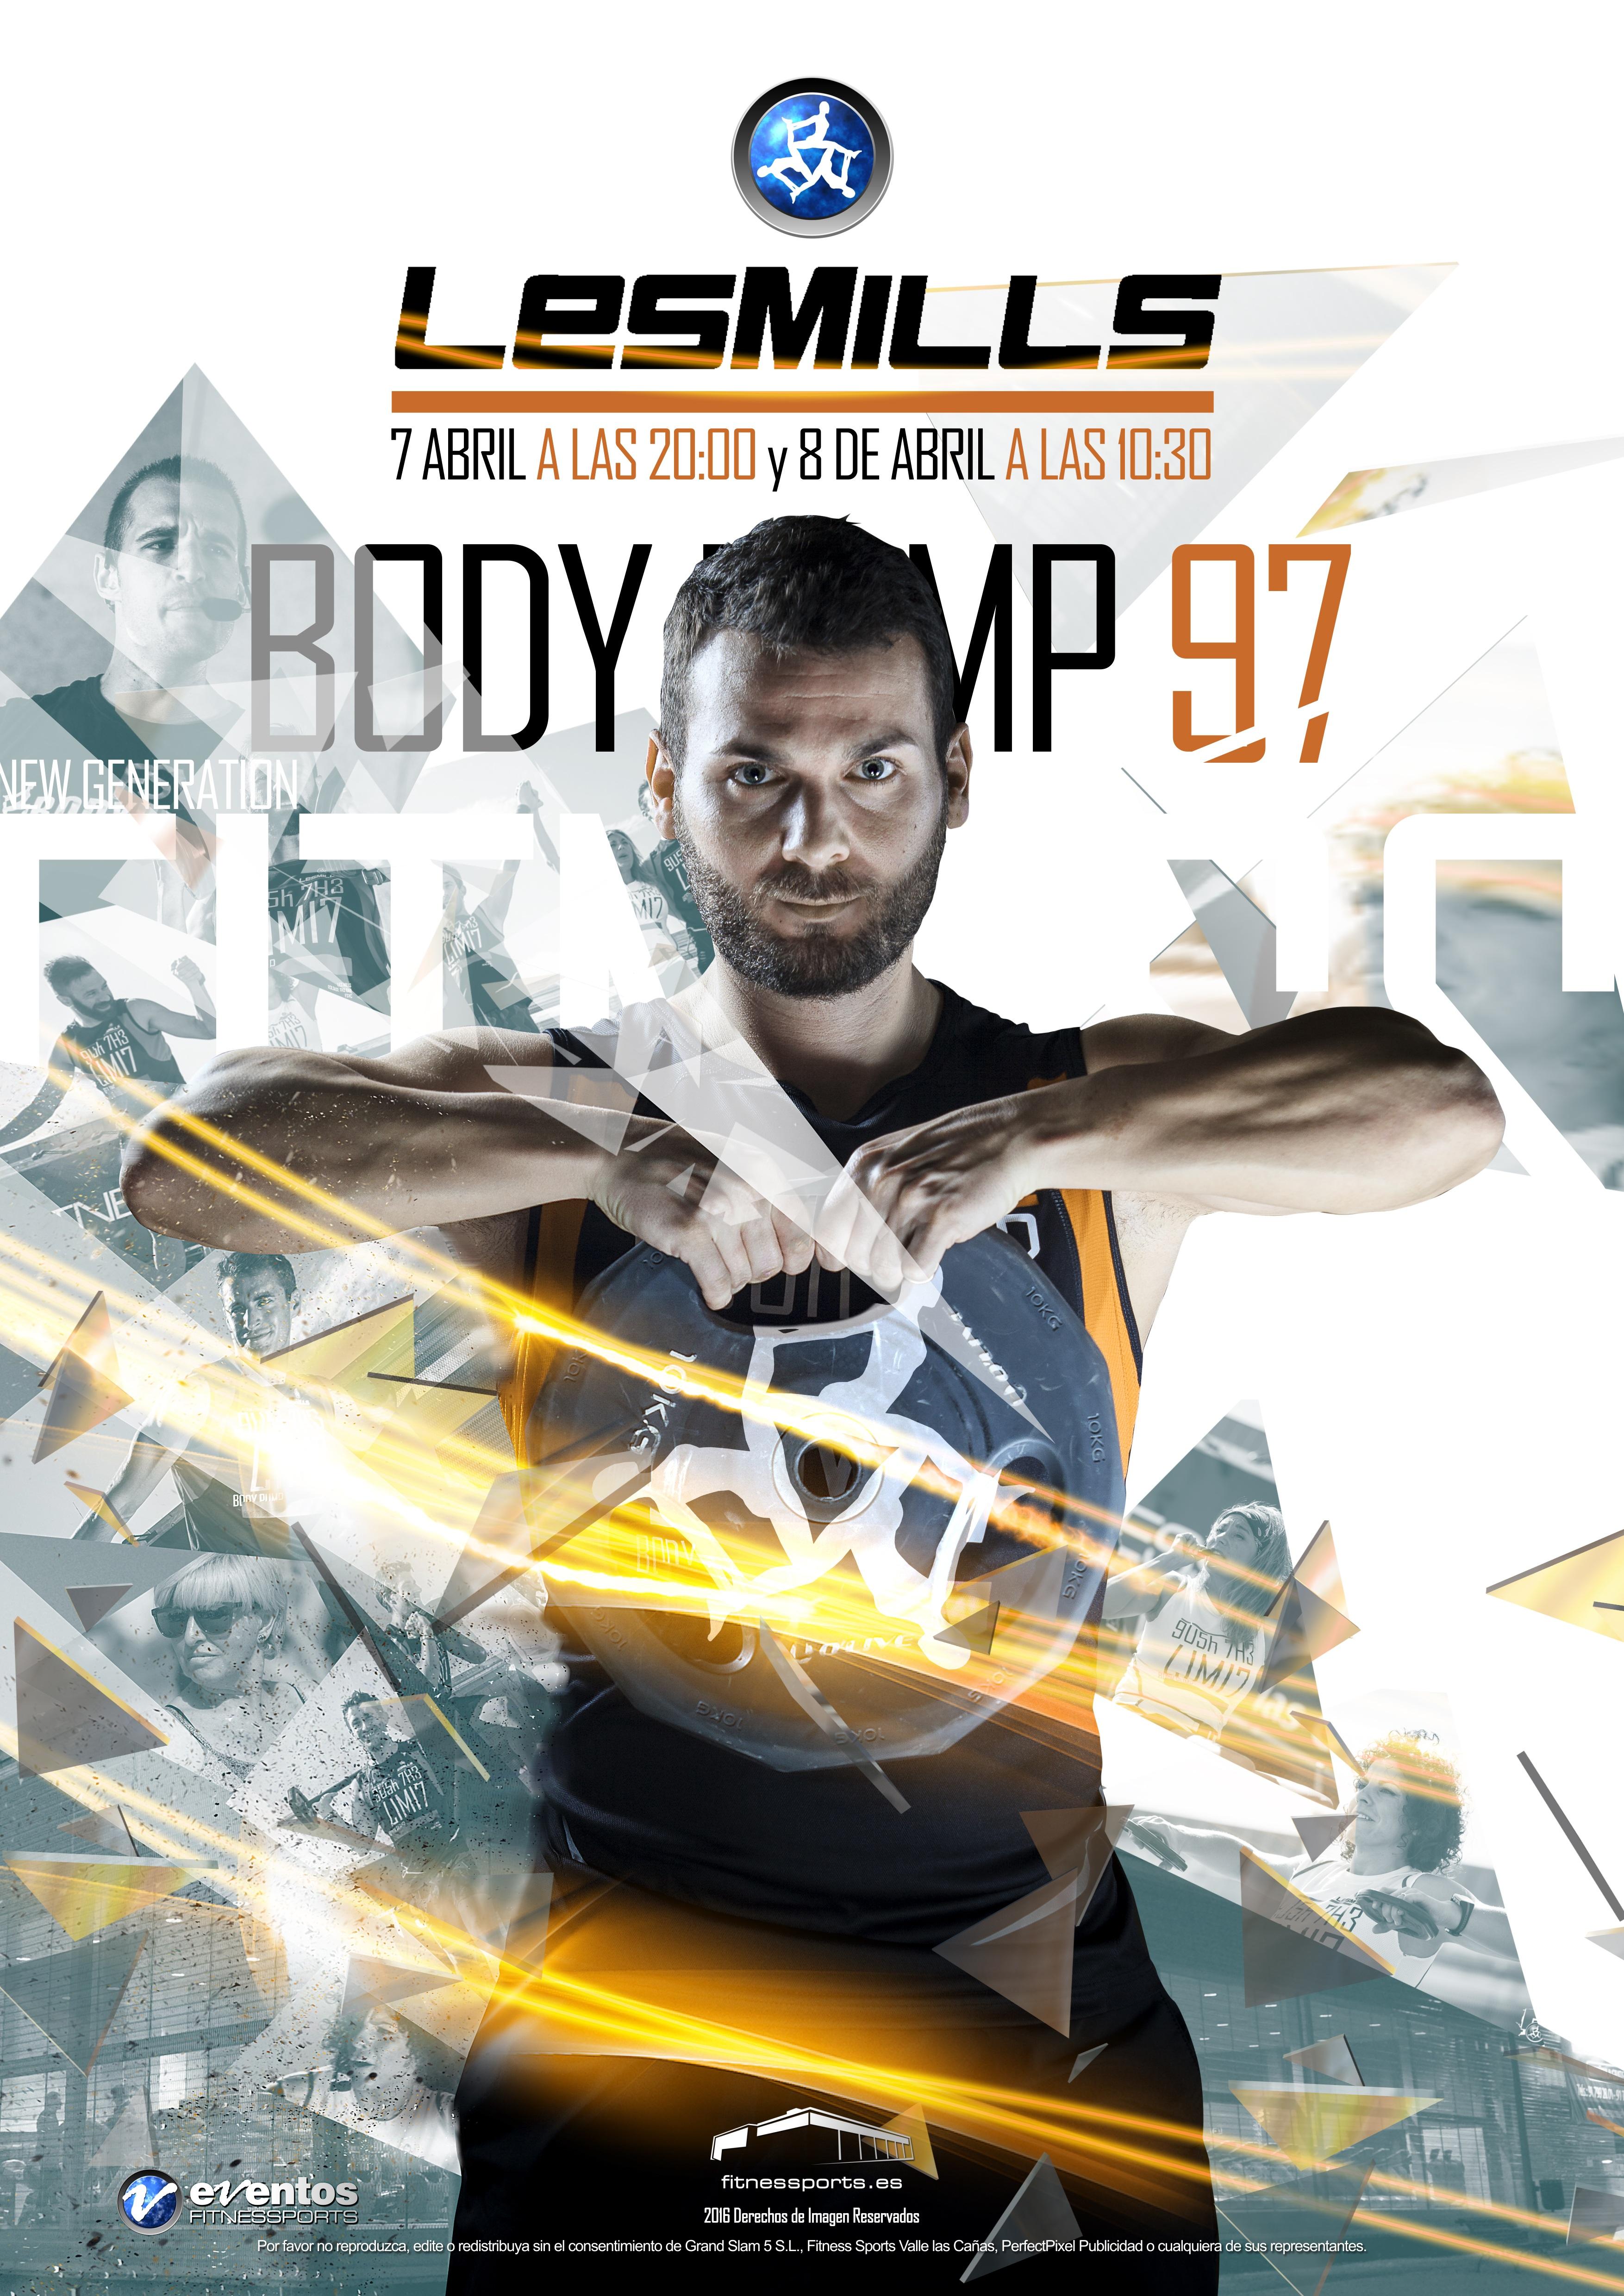 Body Pump 97 Les Mills